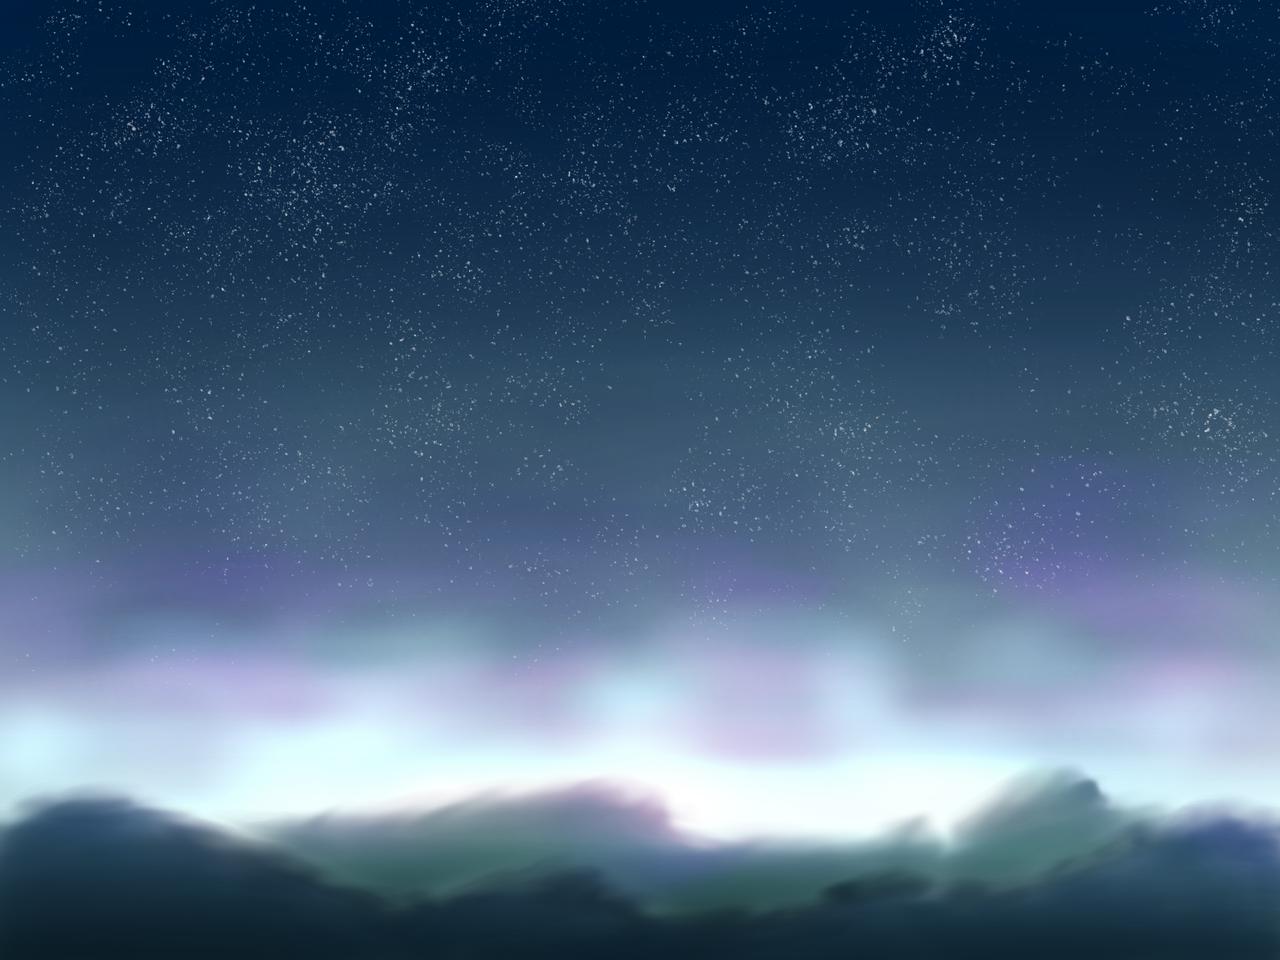 同じ構図ばっかり描き過ぎて多分同じやつがある Illust of 如月来蕾≮TRPG≯ medibangpaint space 山 star original sunset